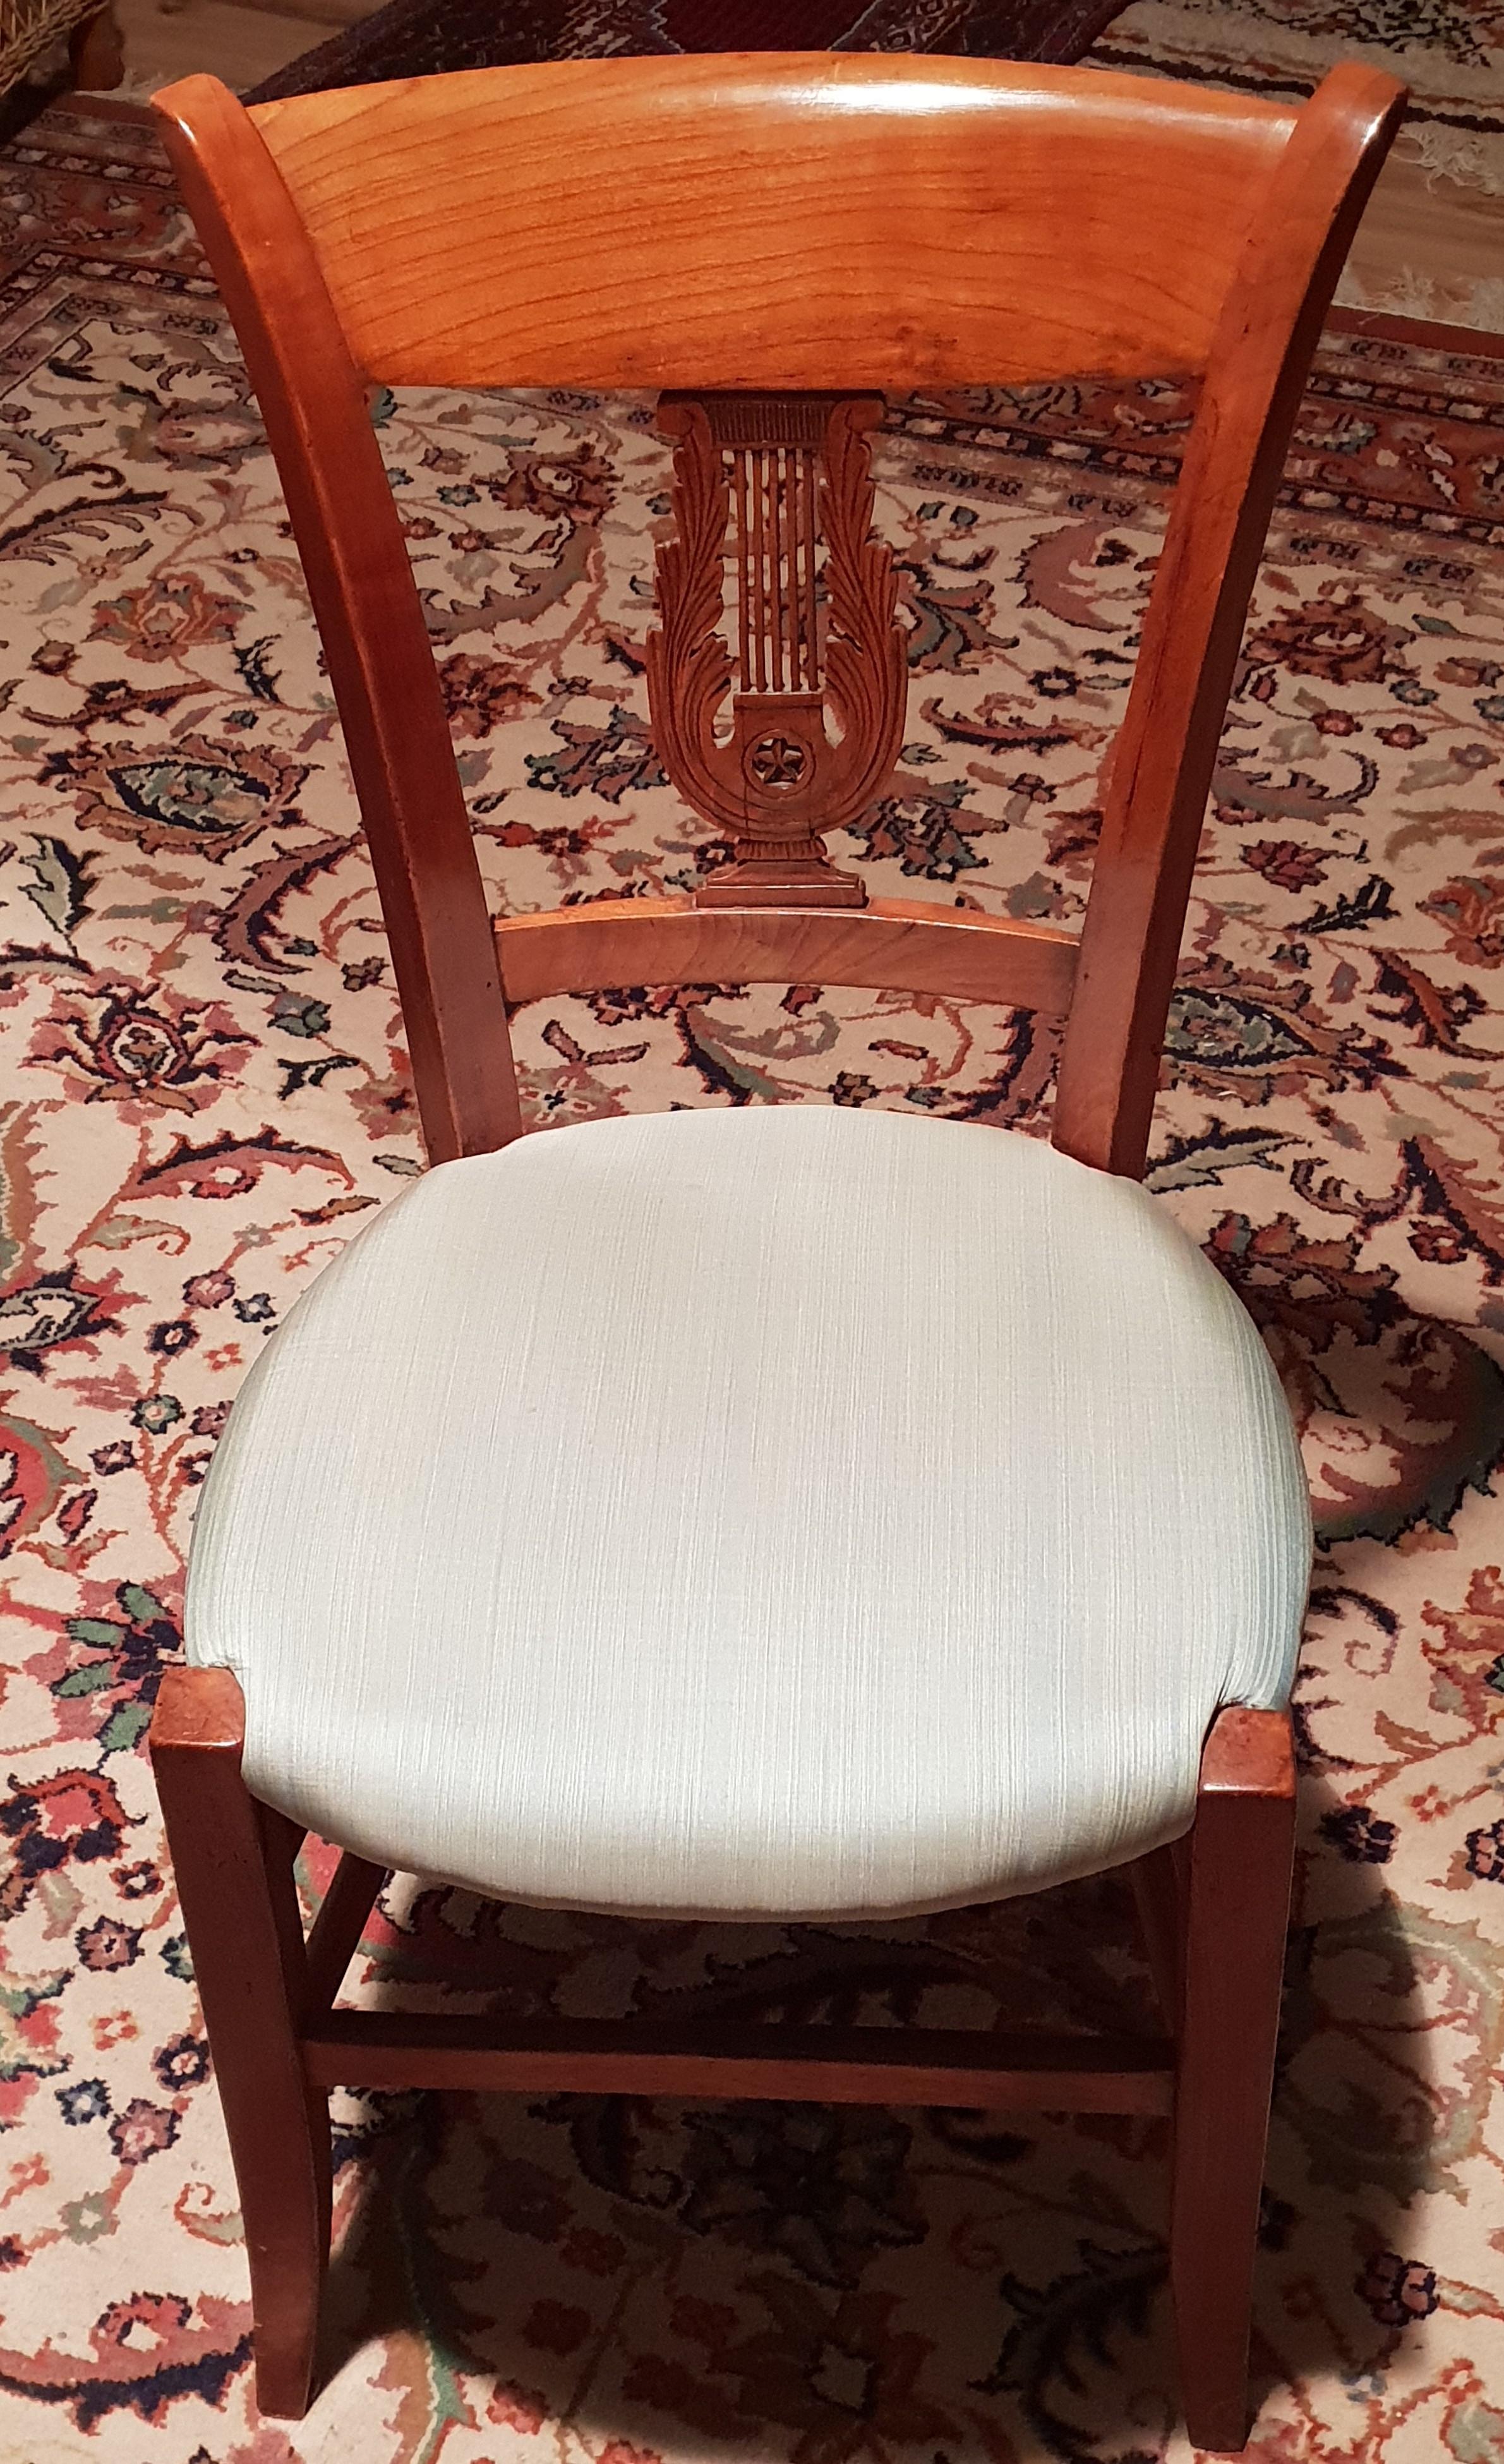 2 Biedermeier-Stühle, ca. 1850, Kirschbaum, sehr filigran, gepolstert, evtl. neu zu beziehen